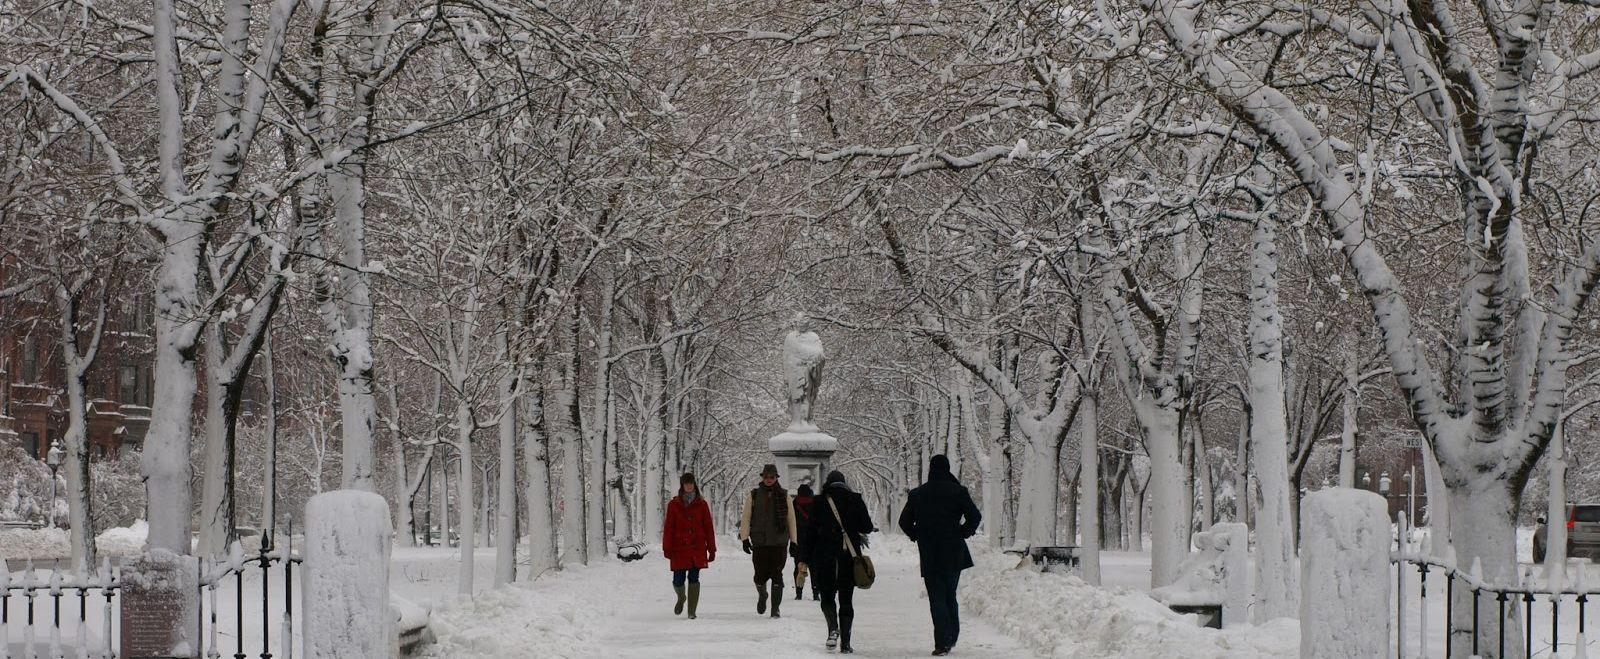 Boston Commons Snow Storm